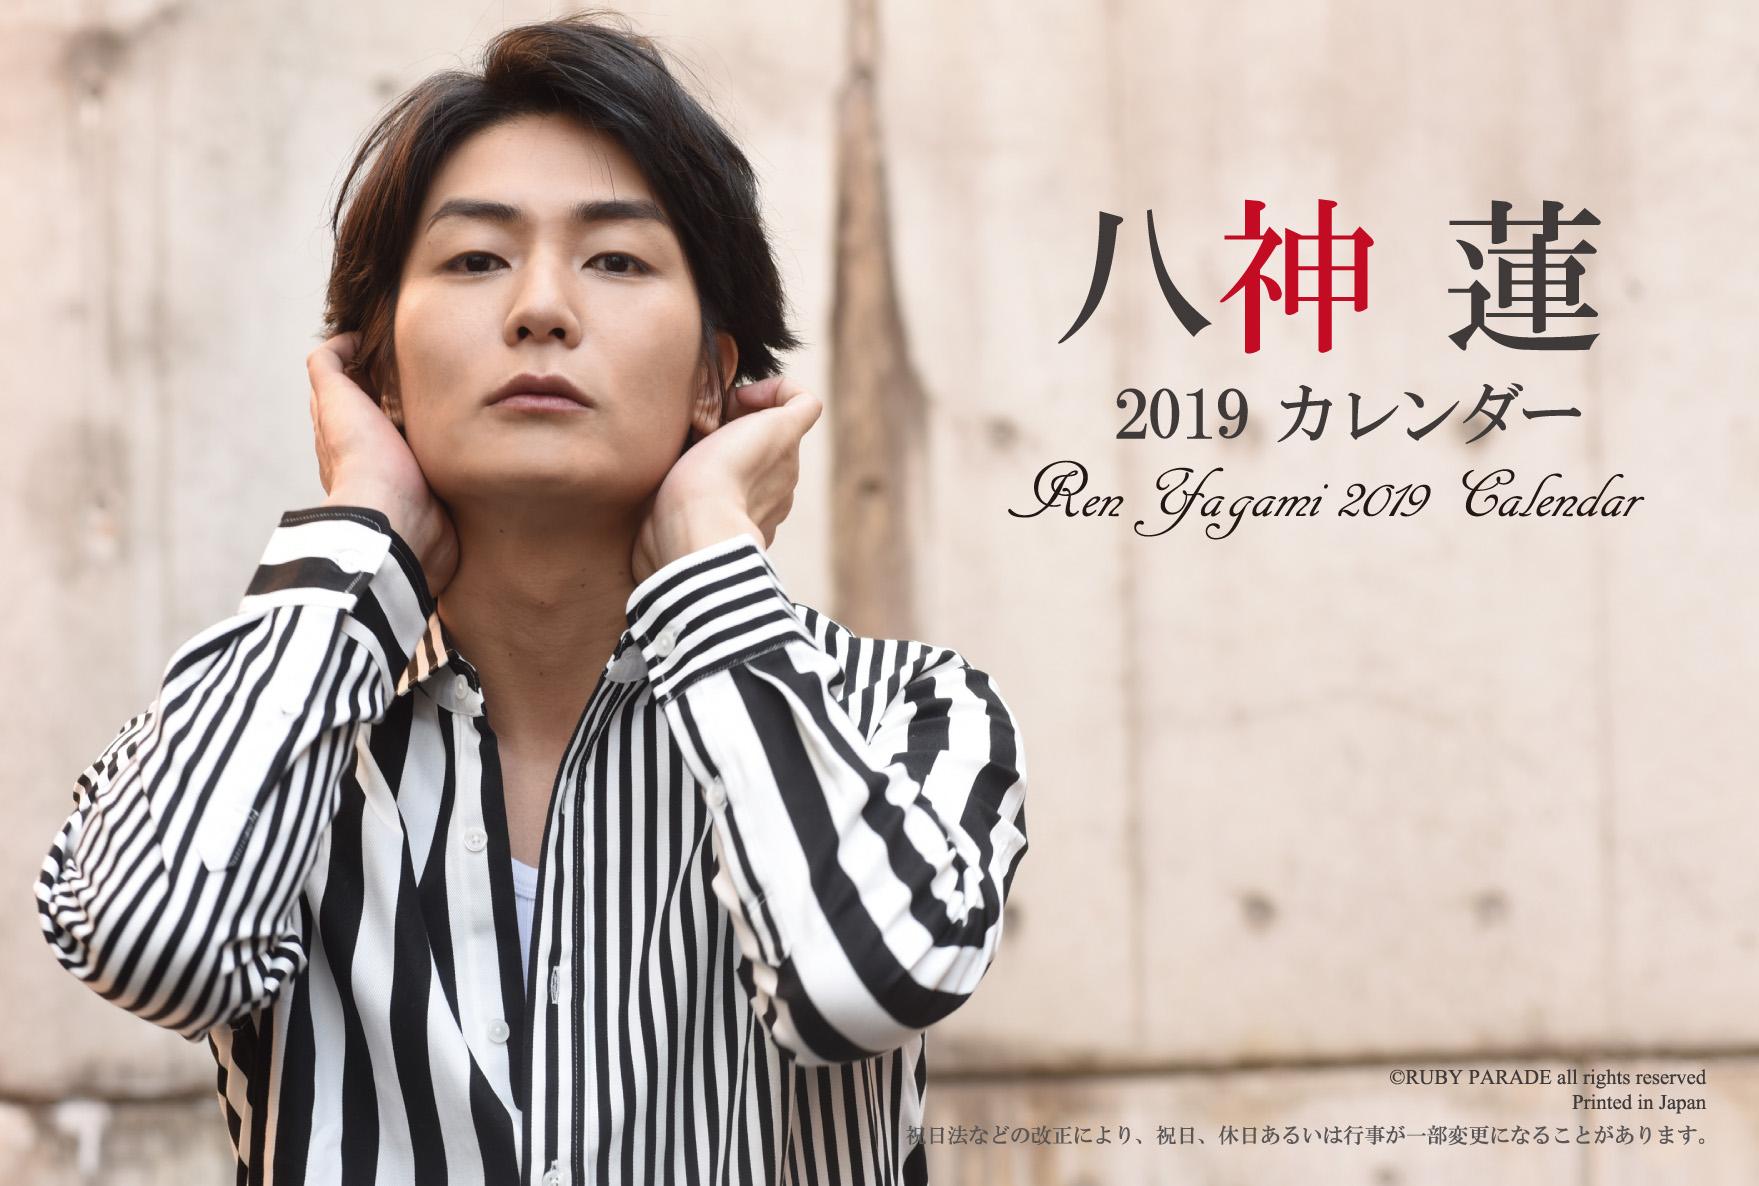 八神蓮2019カレンダー画像